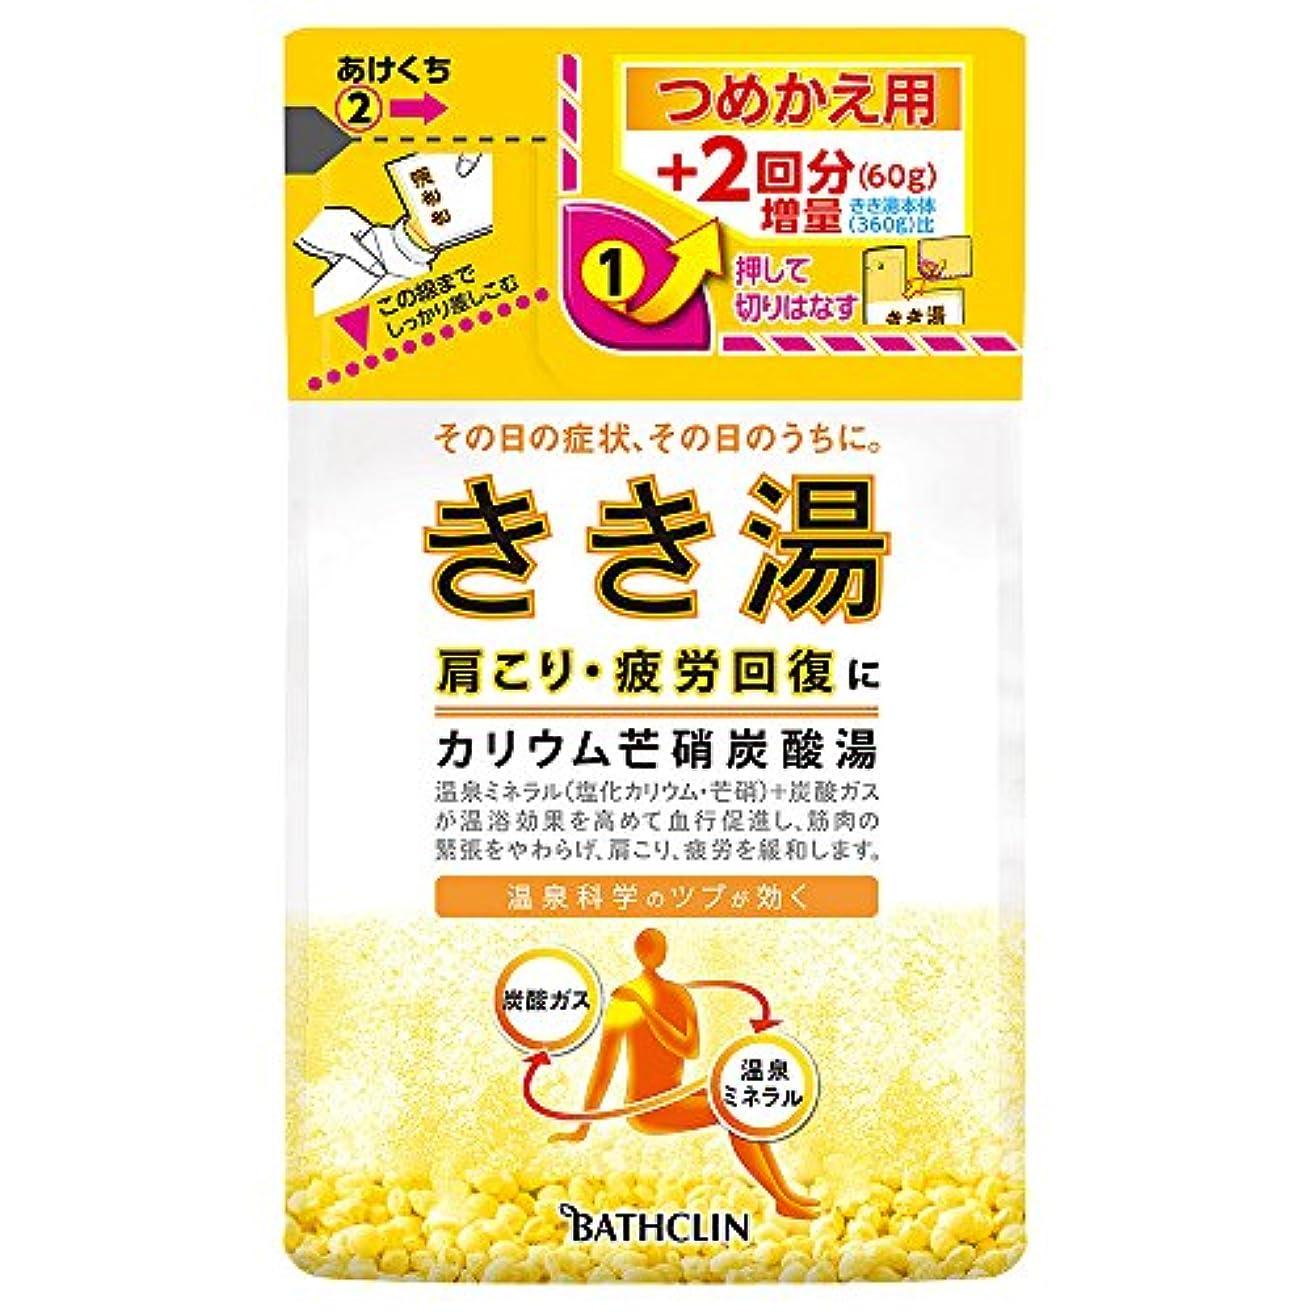 スマート攻撃最愛のきき湯 カリウム芒硝炭酸湯 つめかえ用 420g 入浴剤 (医薬部外品)